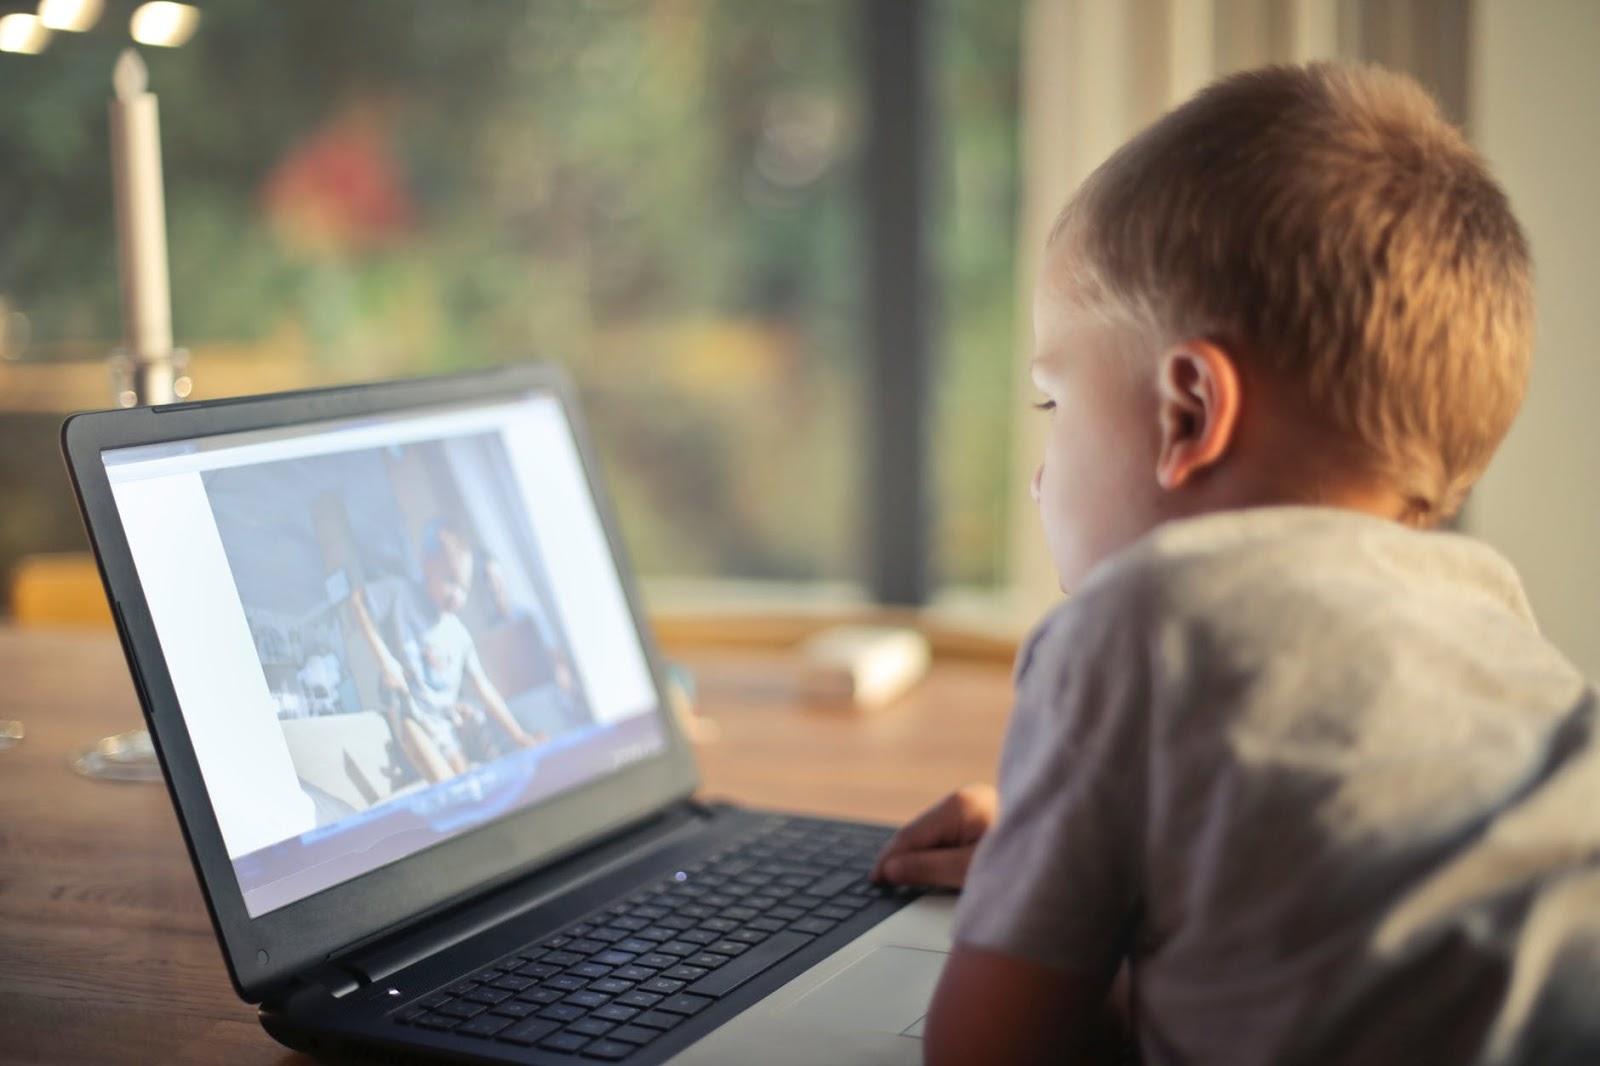 Menino assistindo desenho animado infantil no notebook